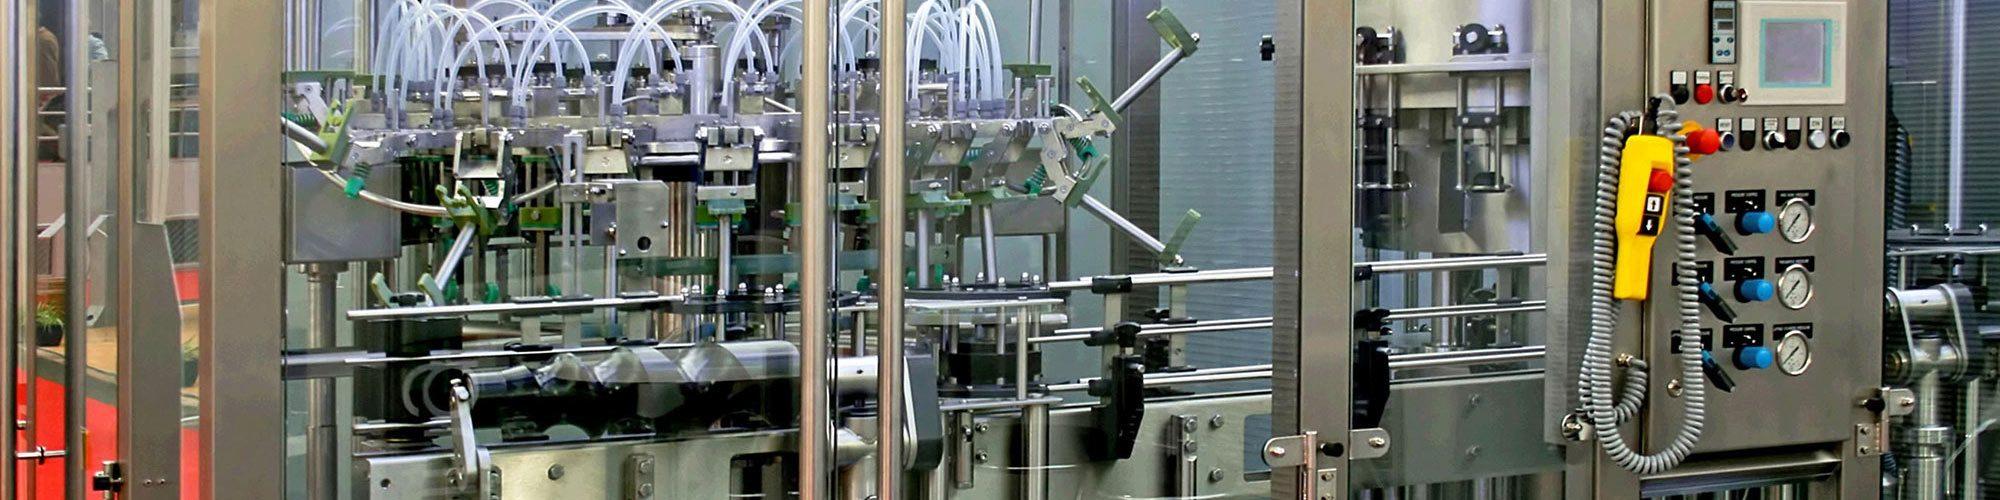 机械工程的其他部门